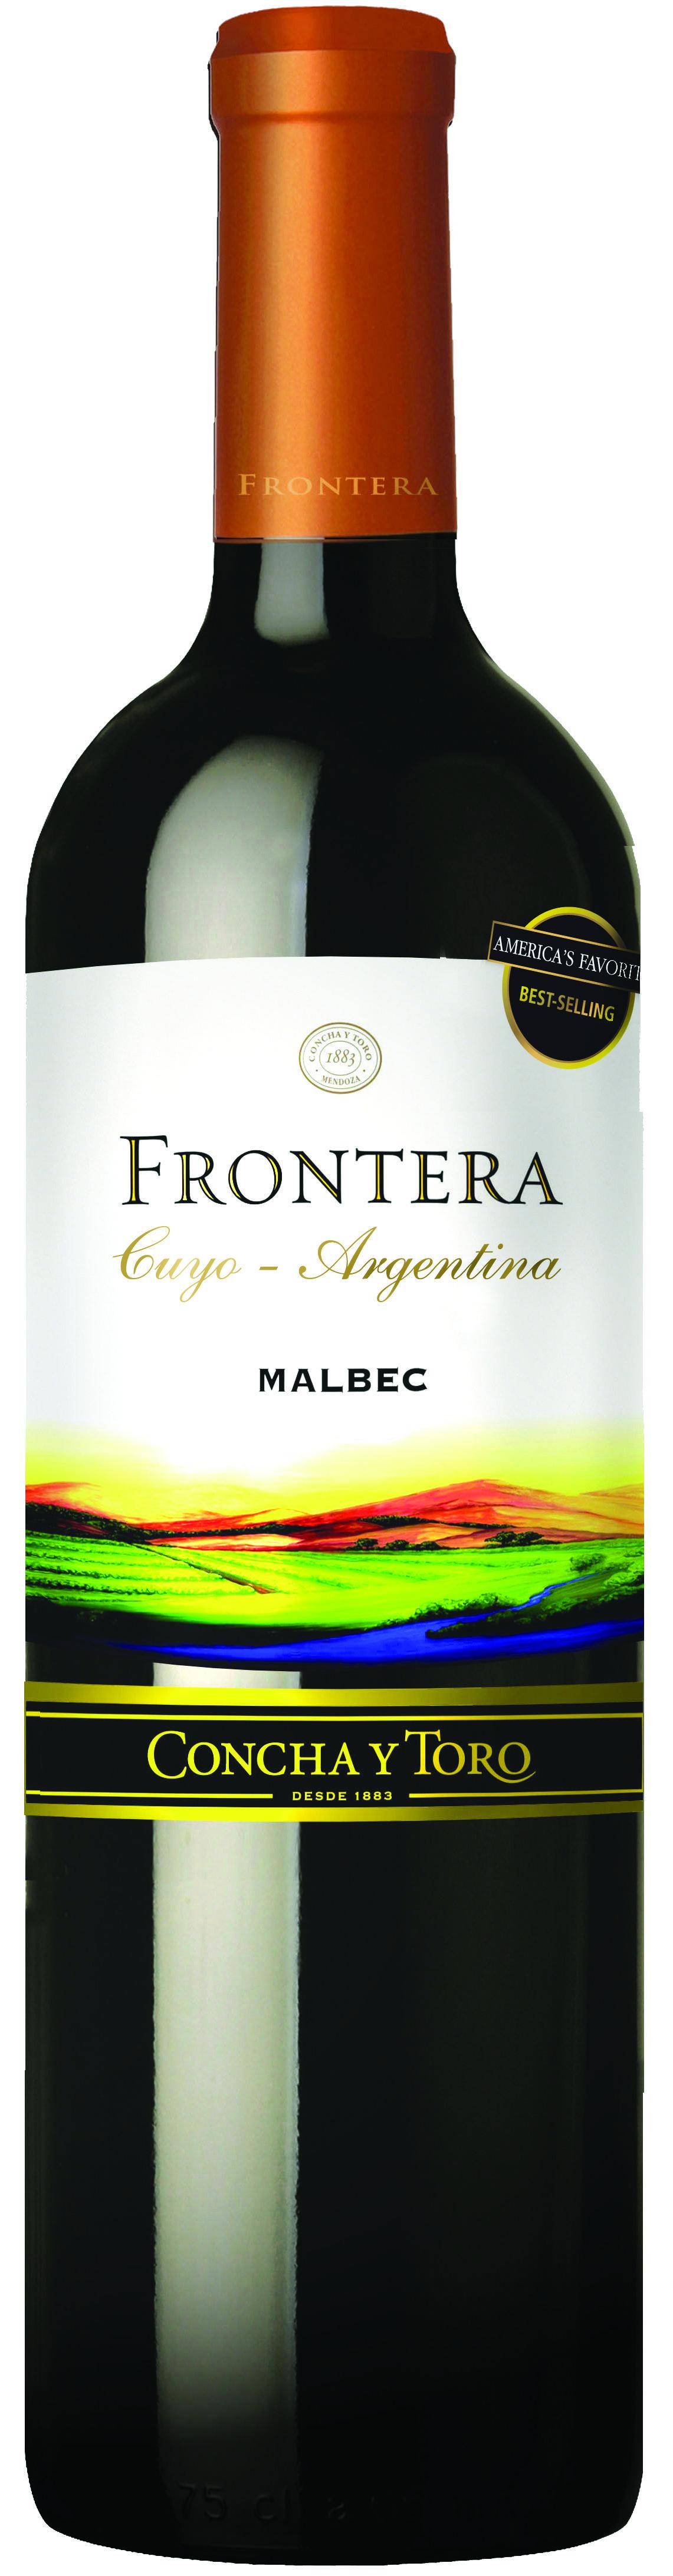 2011 Concha y Toro Frontera Malbec Cuyo